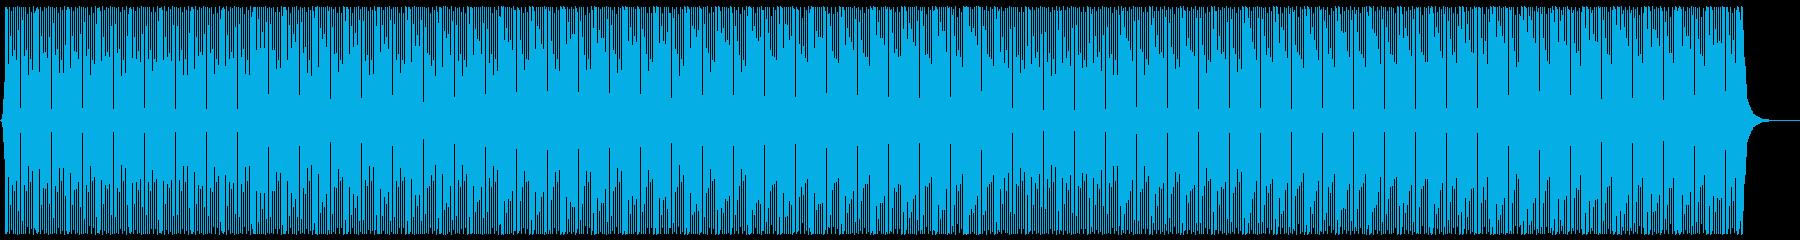 シンプルなダンスビート 広告・CM等にの再生済みの波形